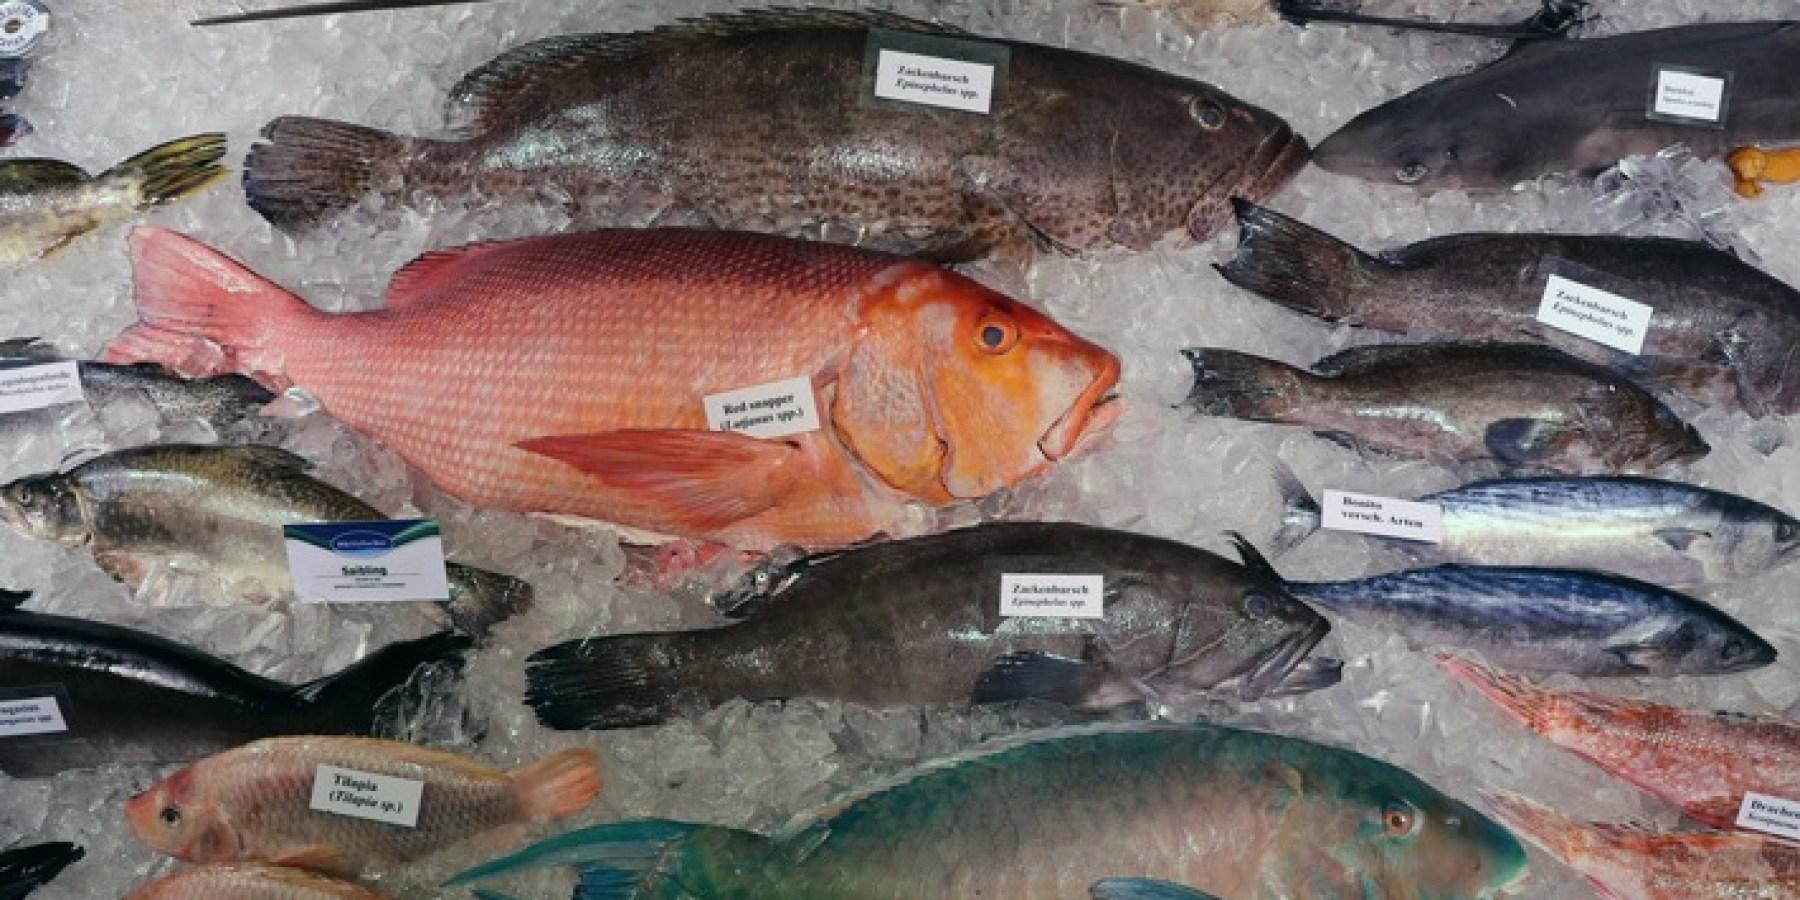 Hohe Wertschätzung für Fisch und Meeresfrüchte